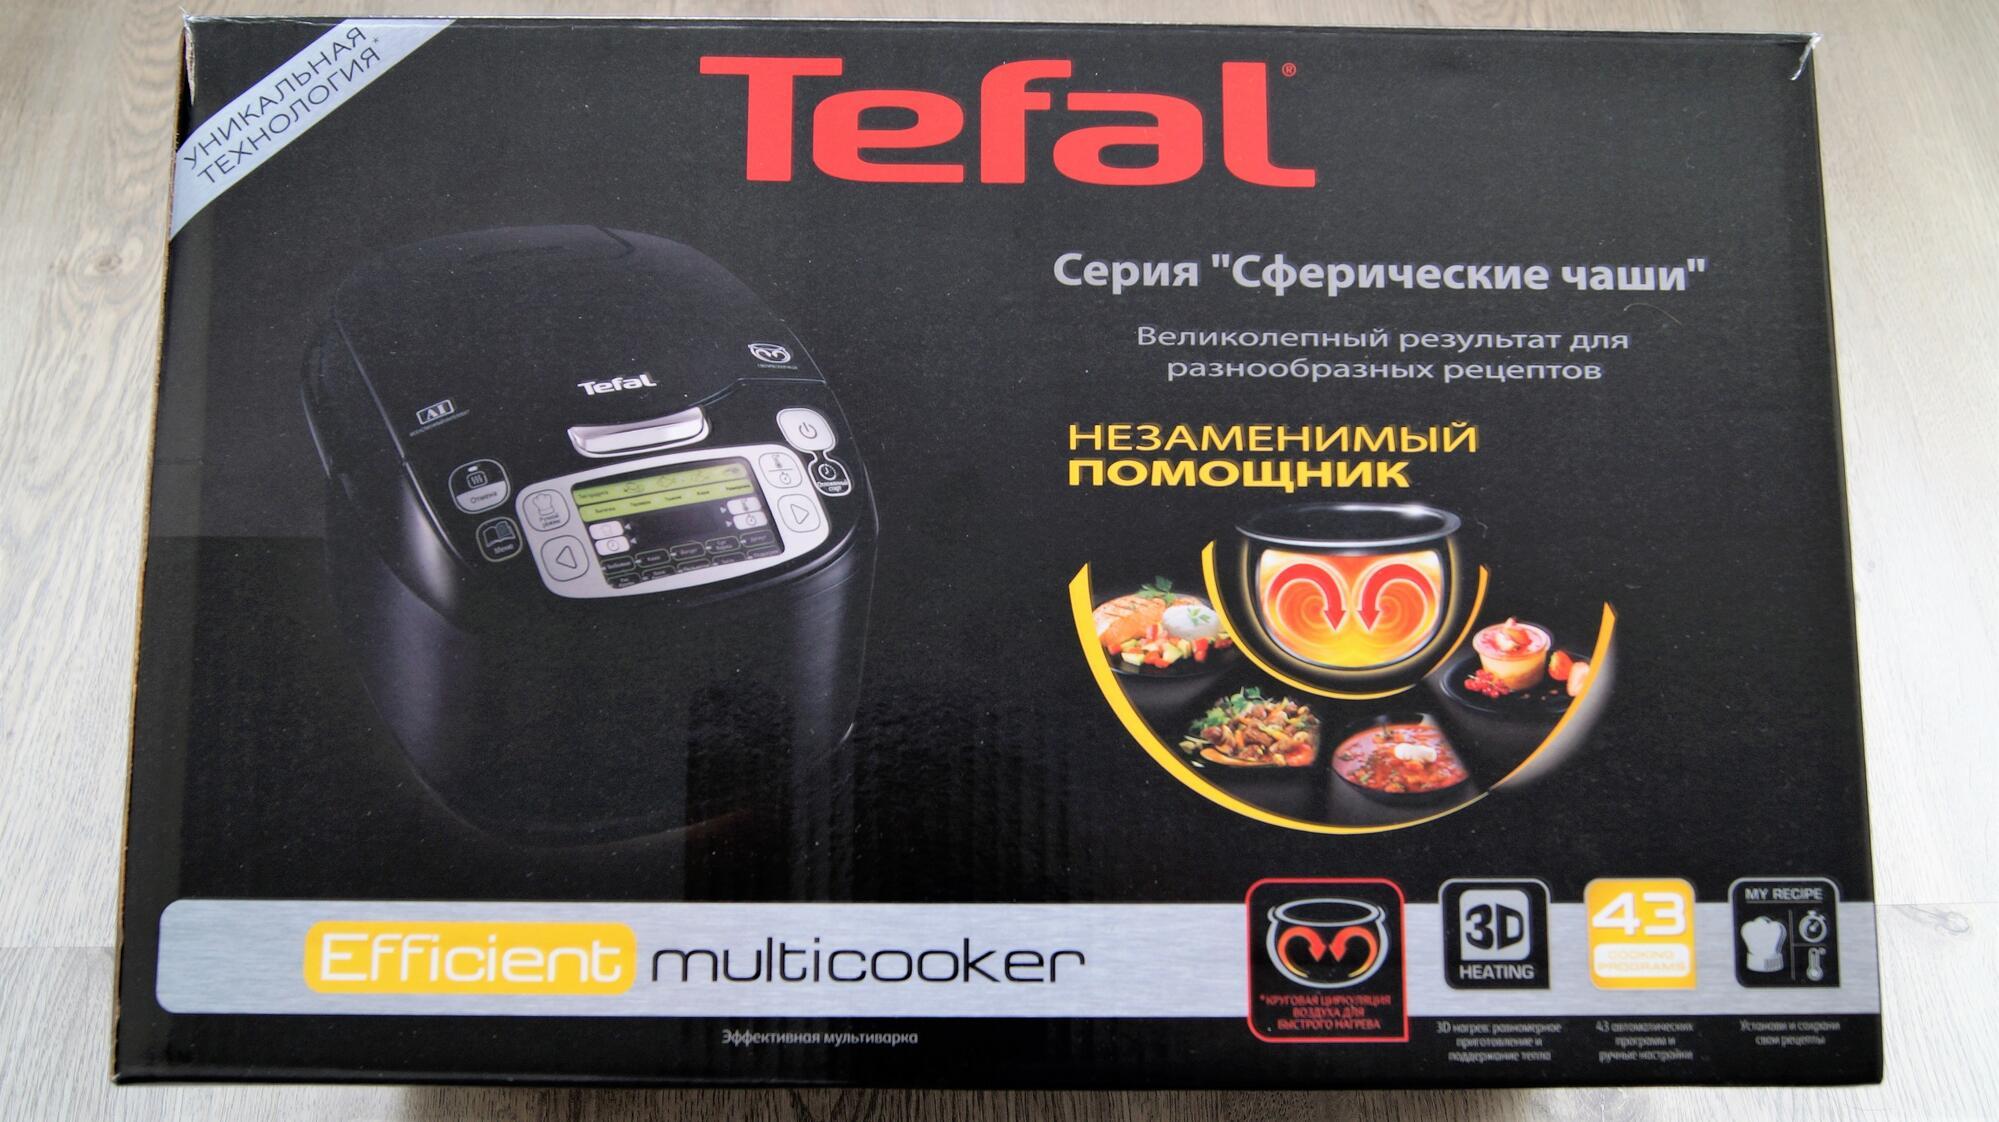 Bytovaya Tehnika - Obzor multivarki Tefal RK815(832): domashniy shef-povar